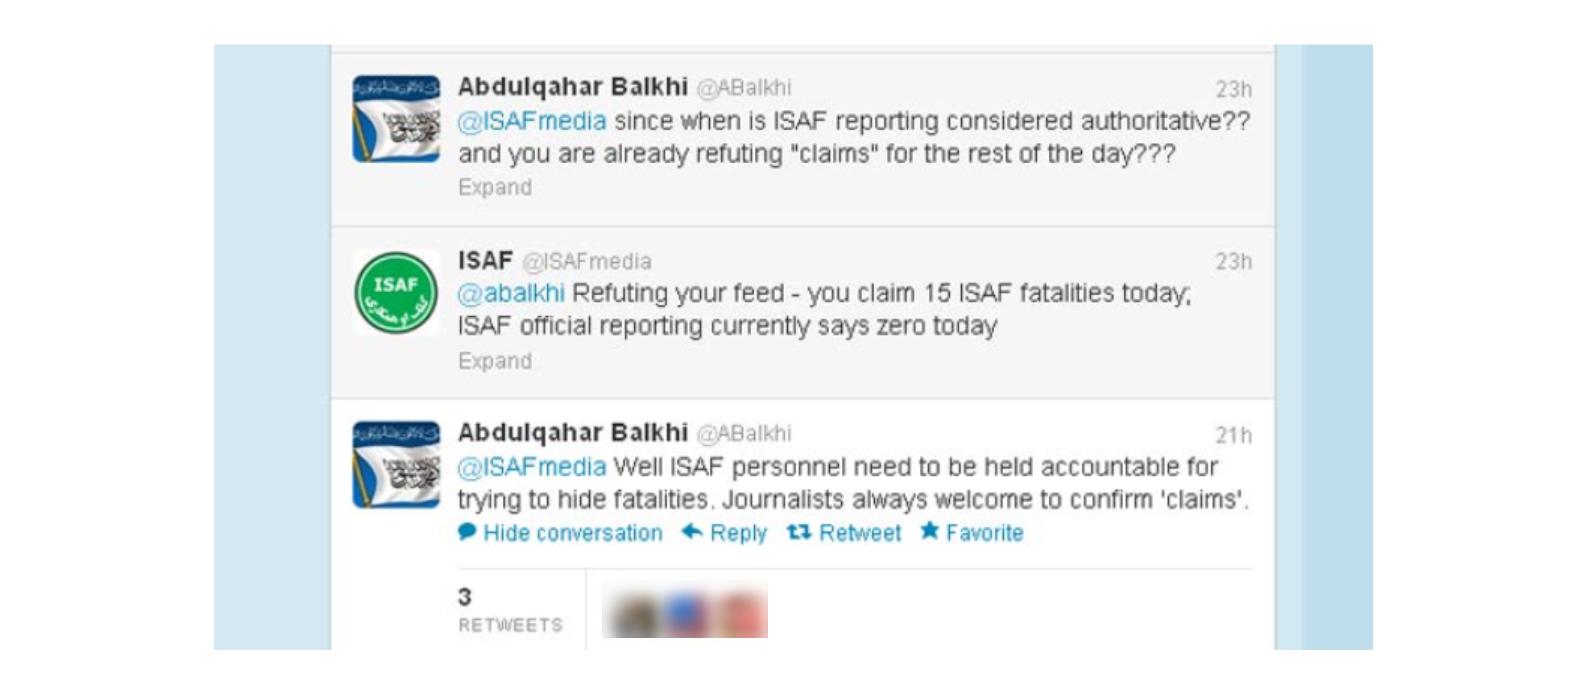 W 2012 roku talibowie na Twitterze dyskutowali z przekazami na profilu międzynarodowych sił bezpieczeństwa znajdujących się w Afganistanie